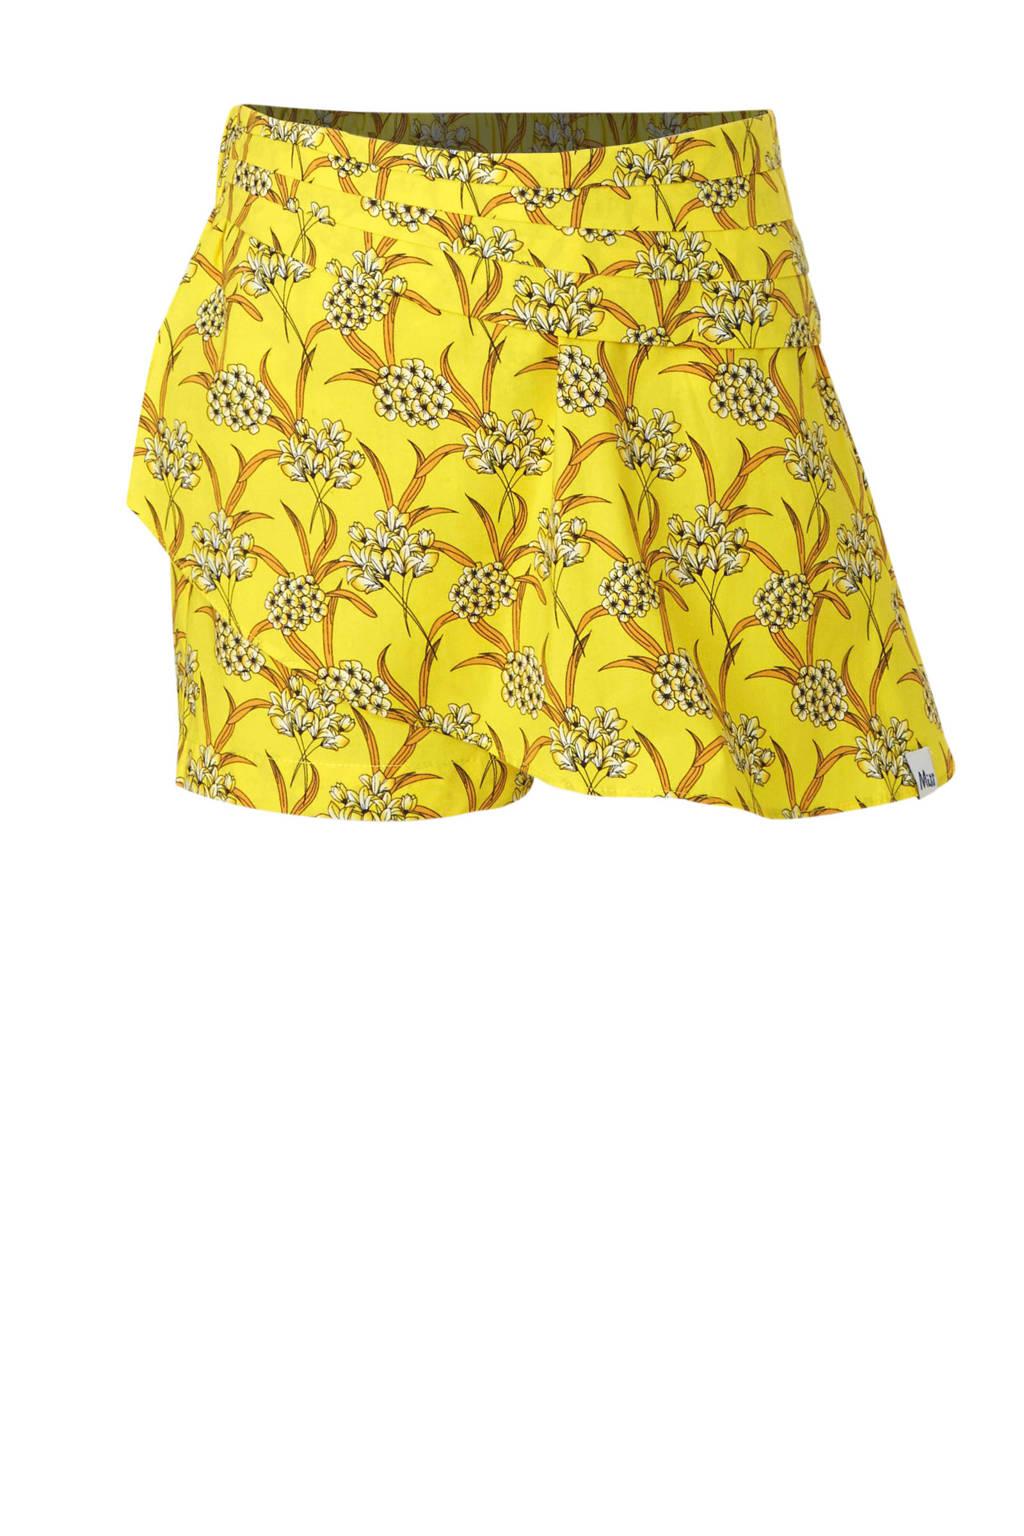 NIK&NIK skort Bloom met all over print geel, Geel